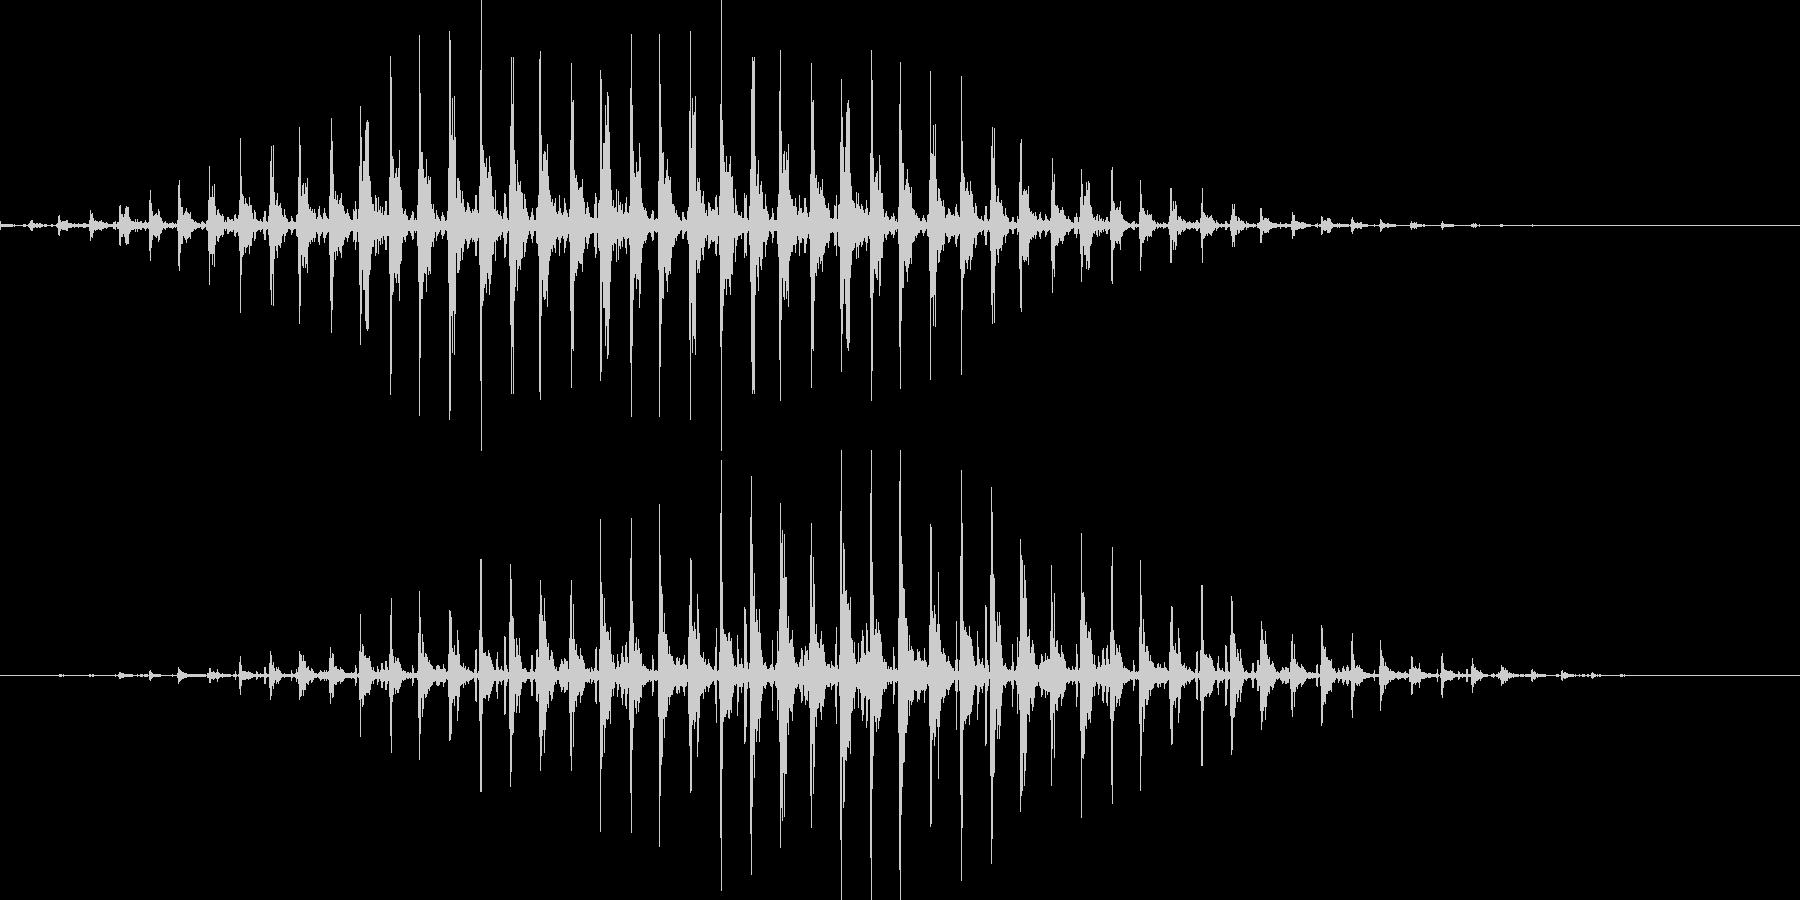 「リンリンリンリン♪」の未再生の波形